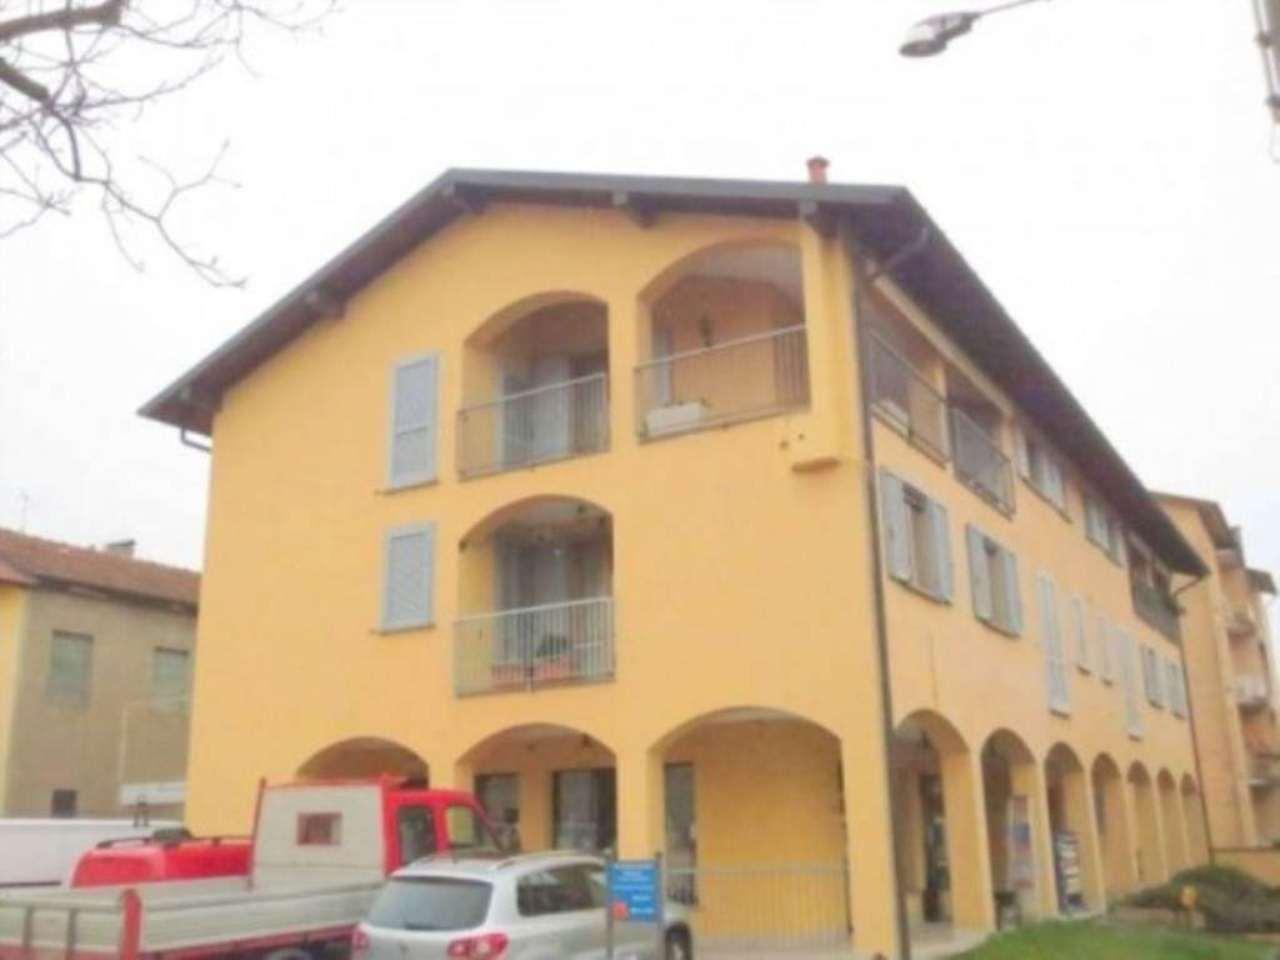 Magazzino in vendita a Malnate, 1 locali, prezzo € 95.000 | Cambio Casa.it